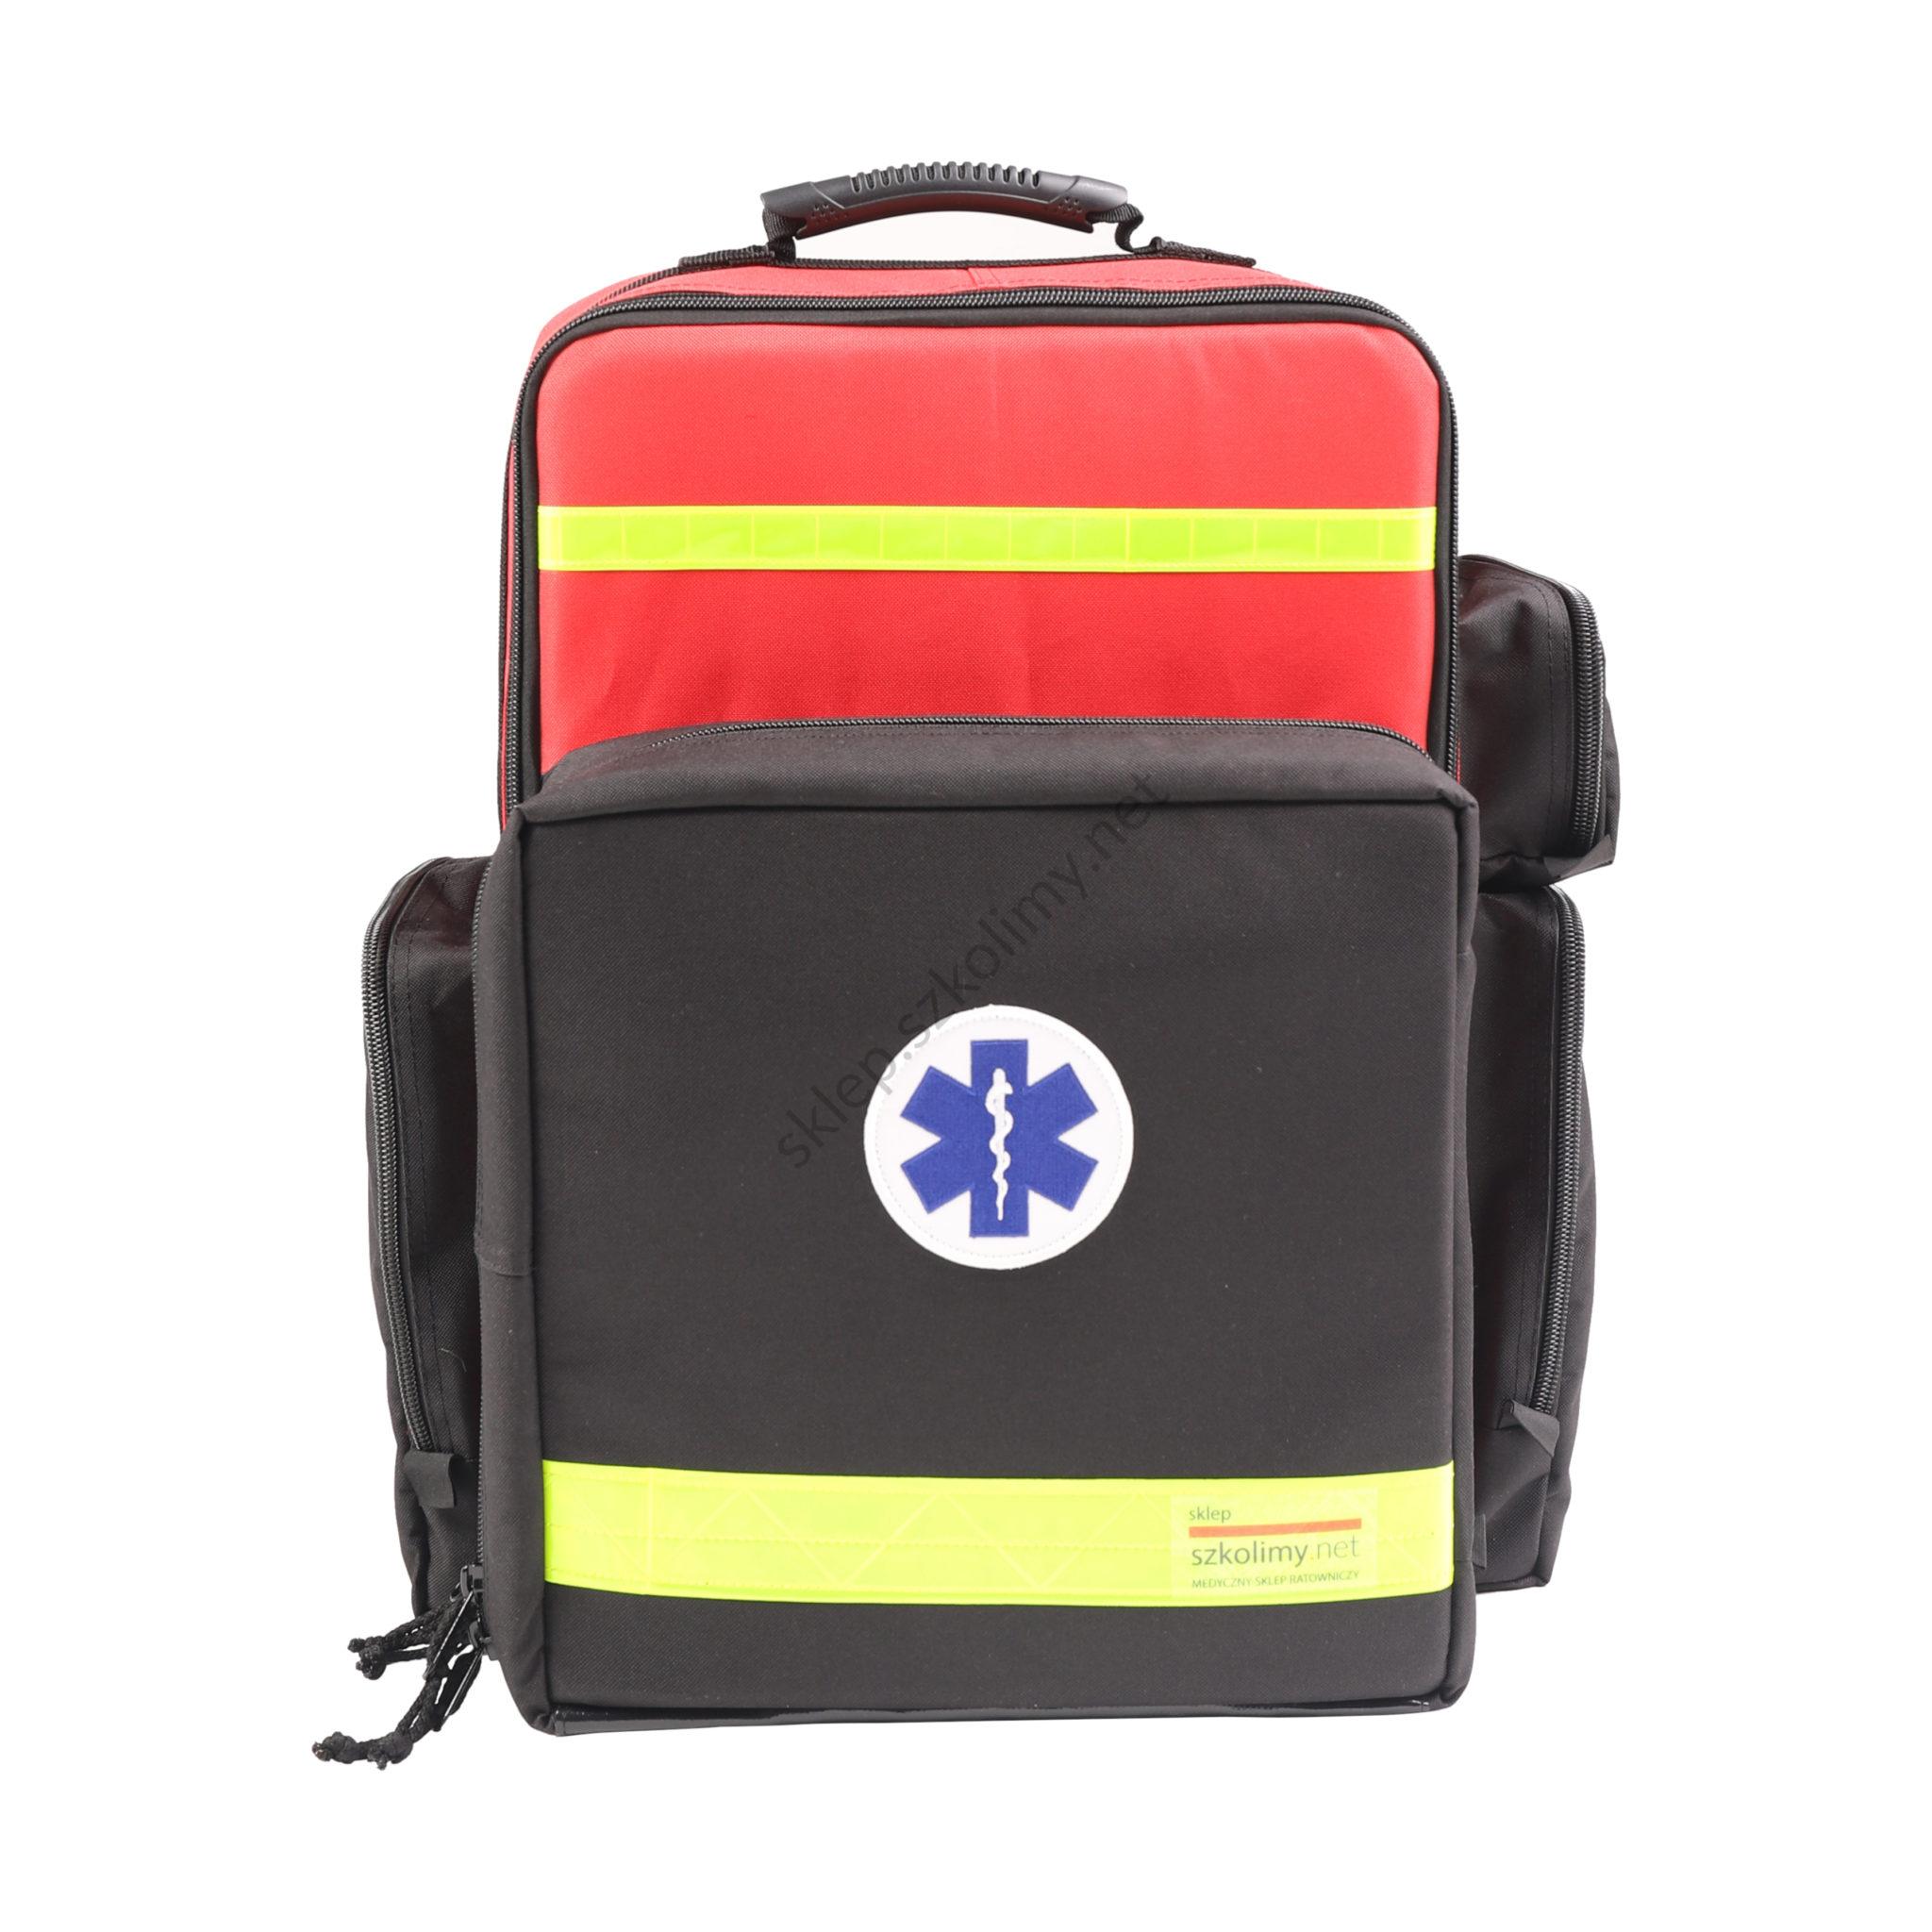 Zestaw ratowniczy WOPR R1 w plecaku